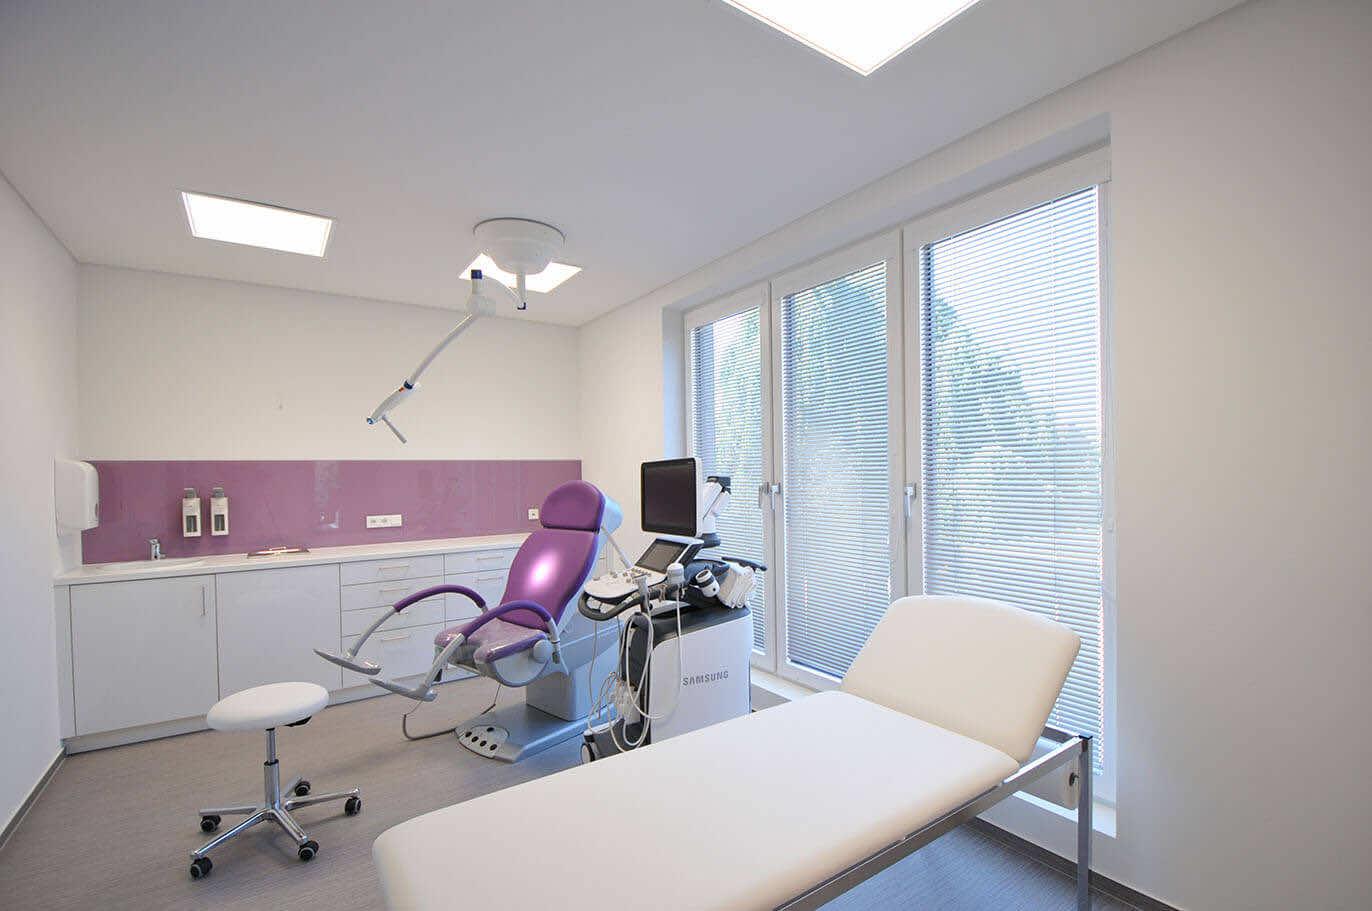 Frauenarztpraxis Kleve - Beleuchtung | Leuchten Lukassen